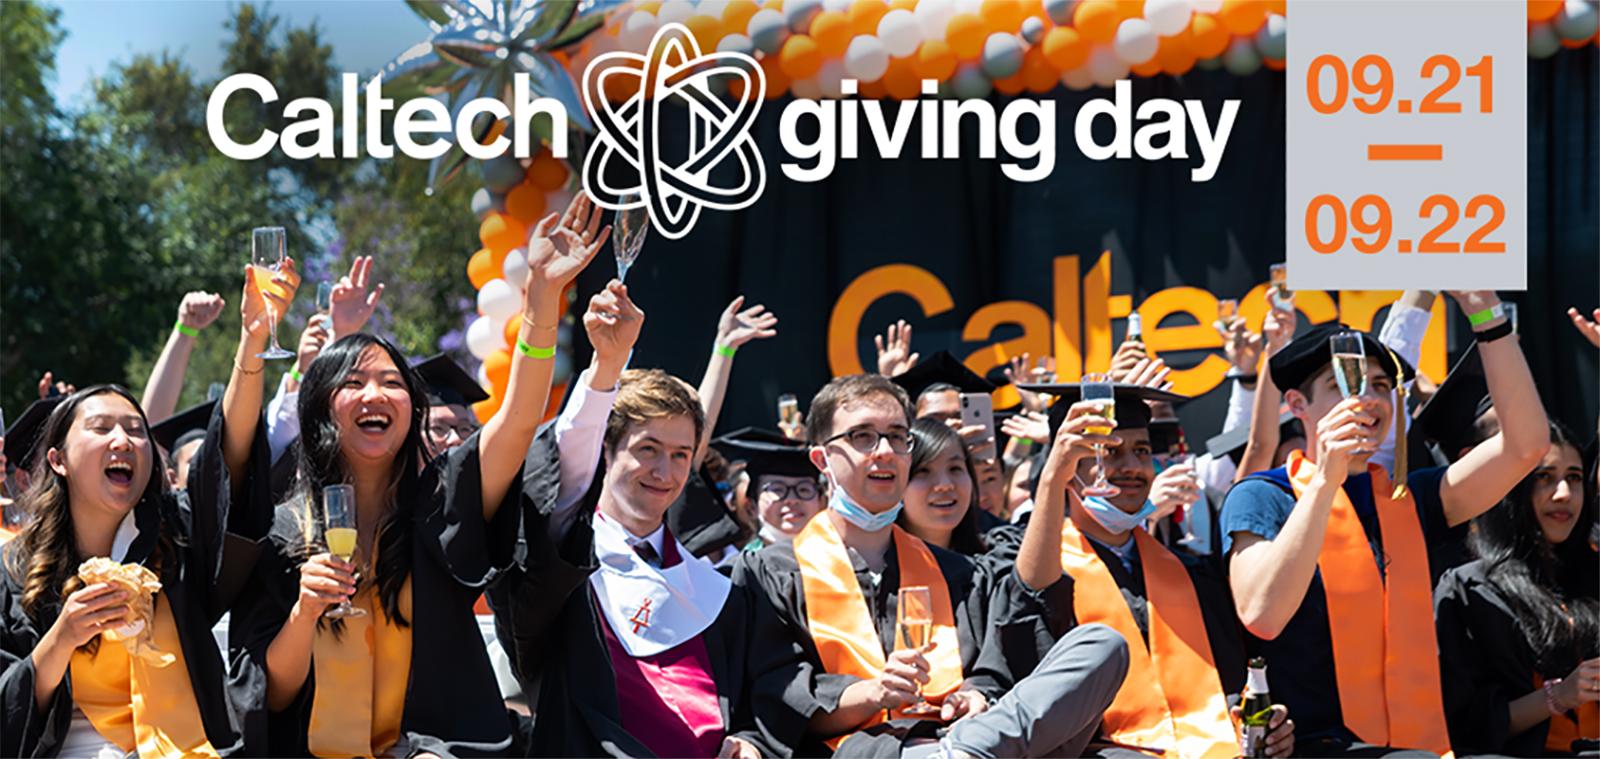 Caltech Giving Day